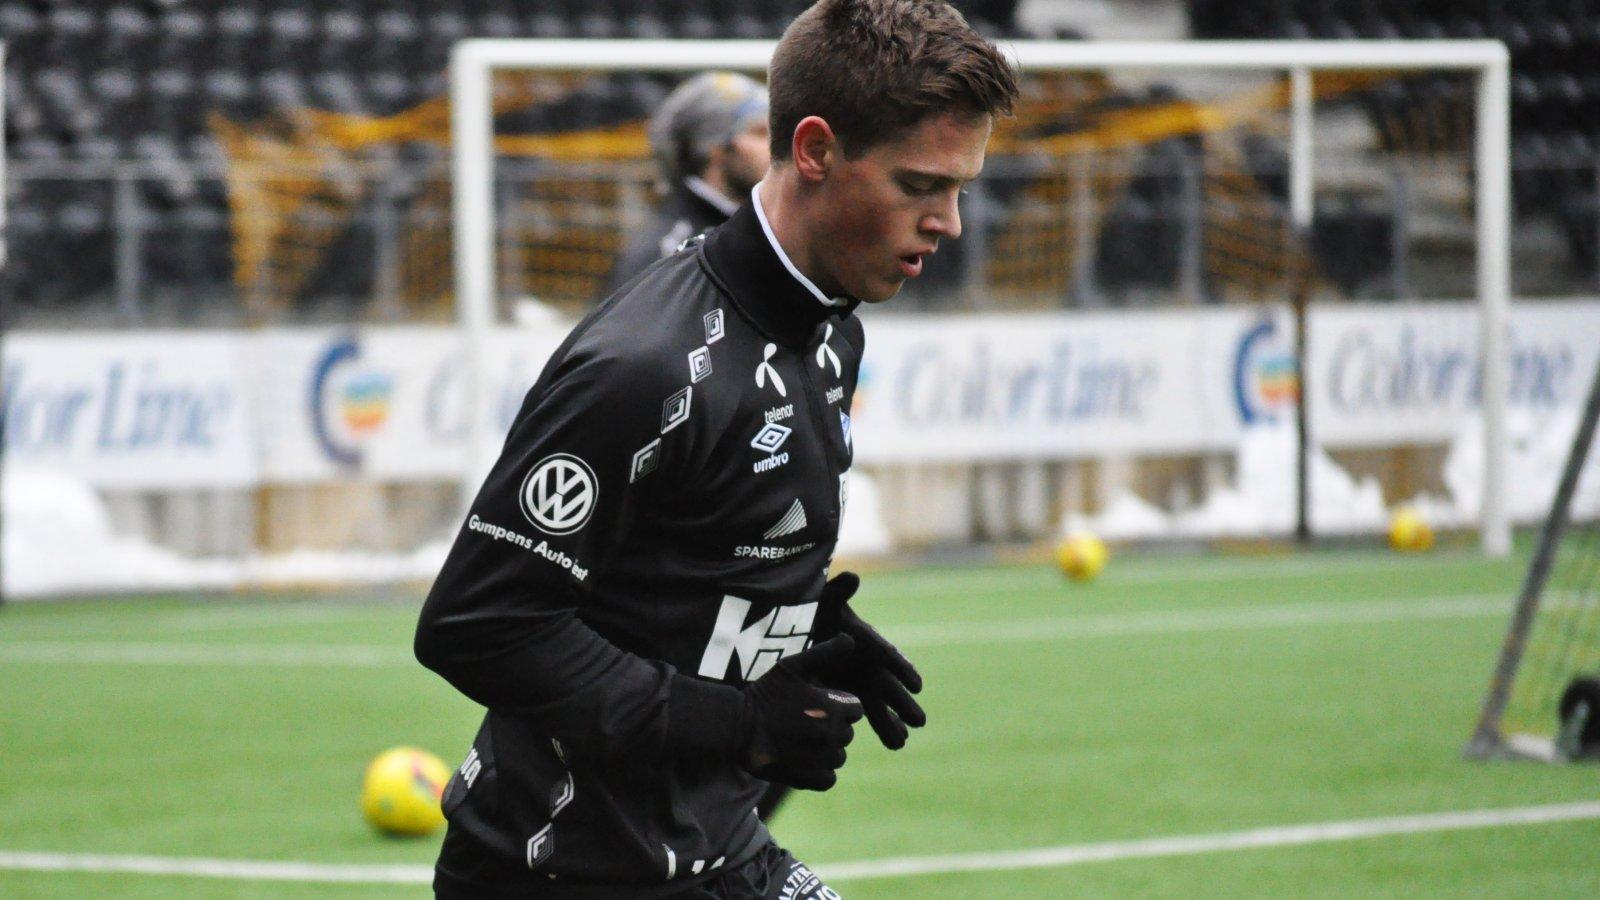 Andreas Hollingen,Trening, Sparebanken Sør Arena